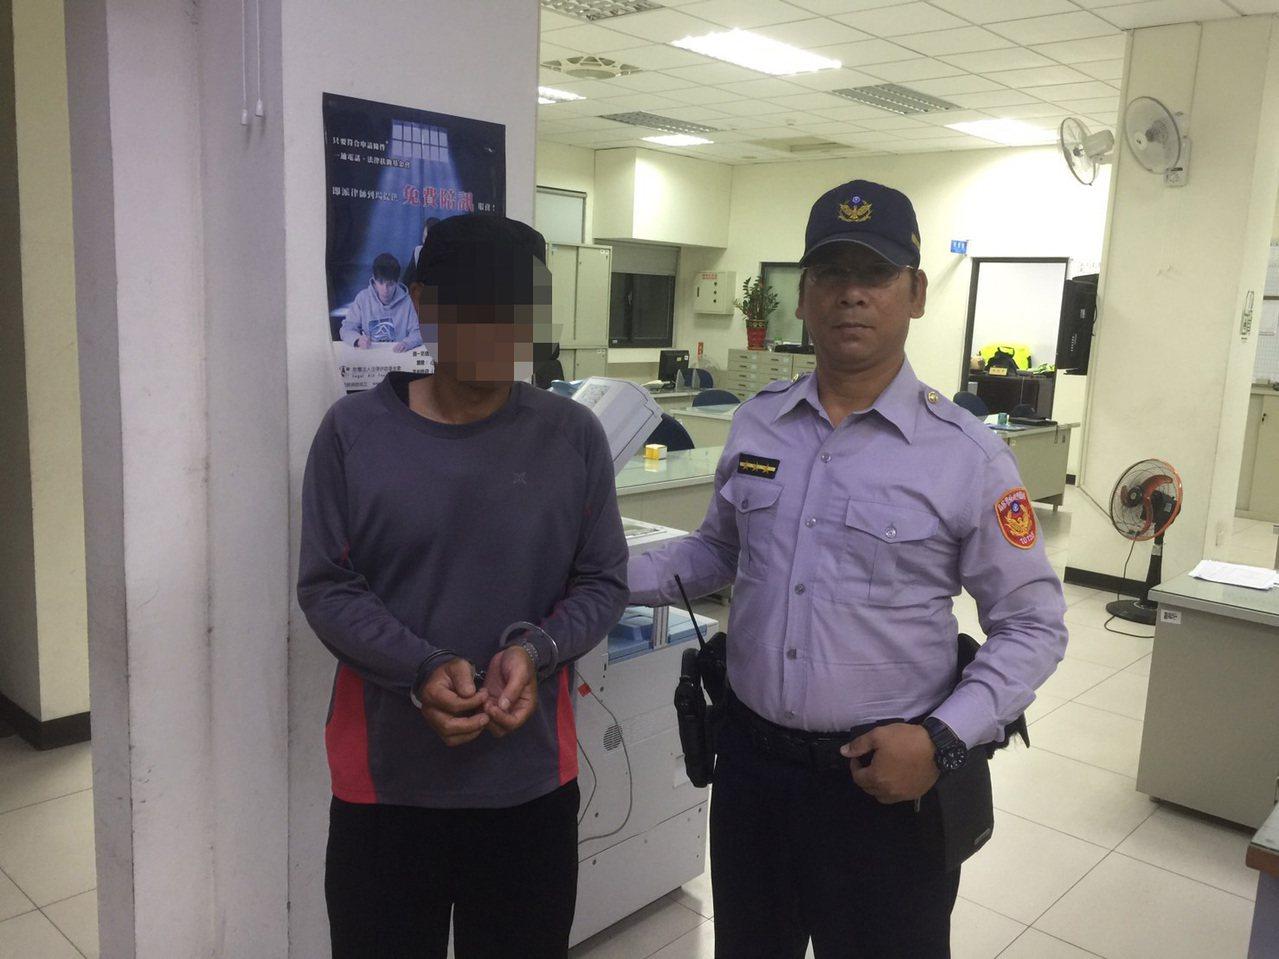 桃園市八德區一名竊盜慣犯,昨日至民宅偷竊,被警方當場逮捕。記者許政榆/翻攝